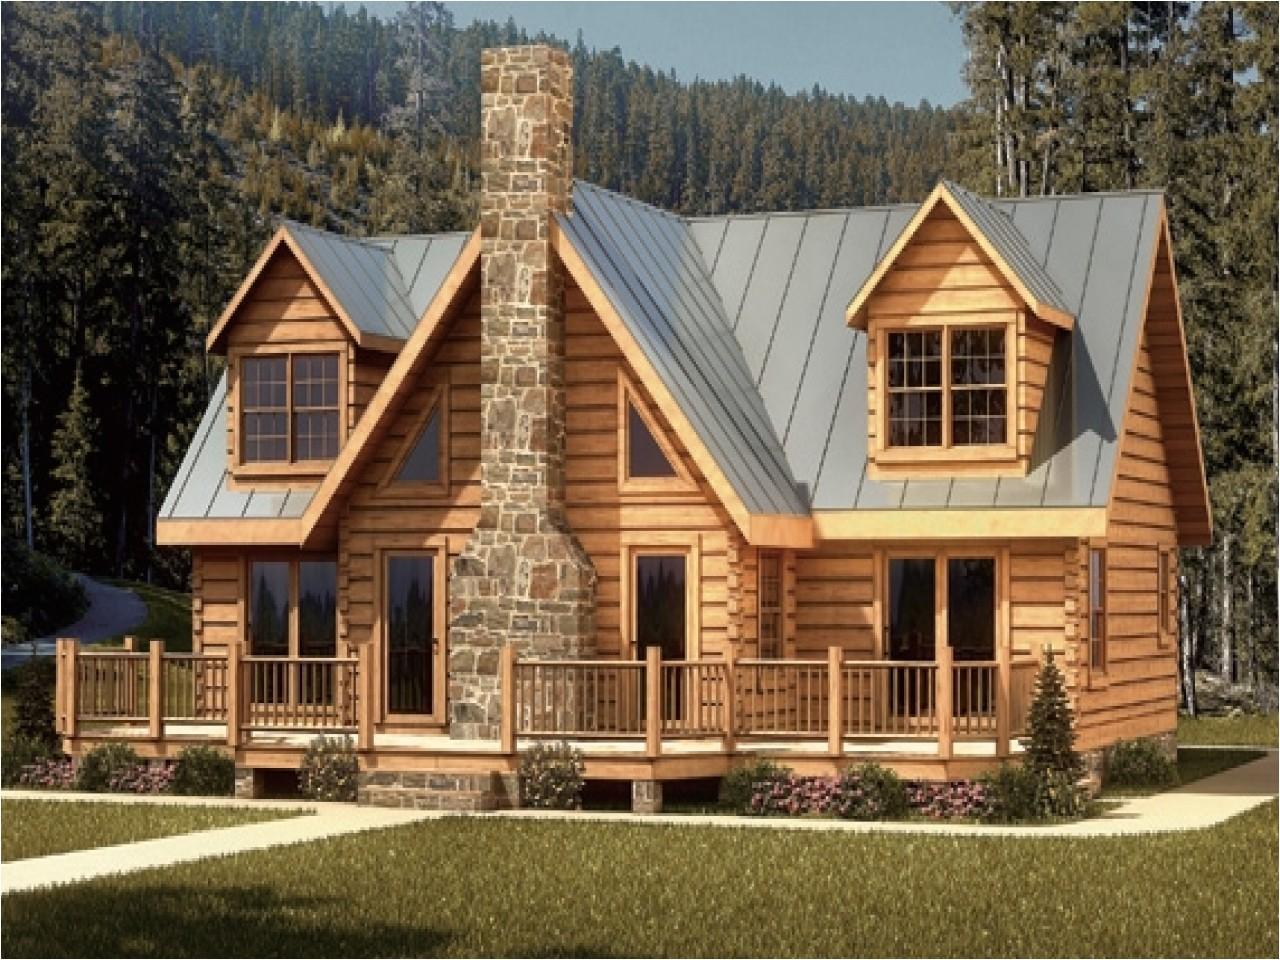 5776f7b9b285cfc9 lake log home plans country log homes plans